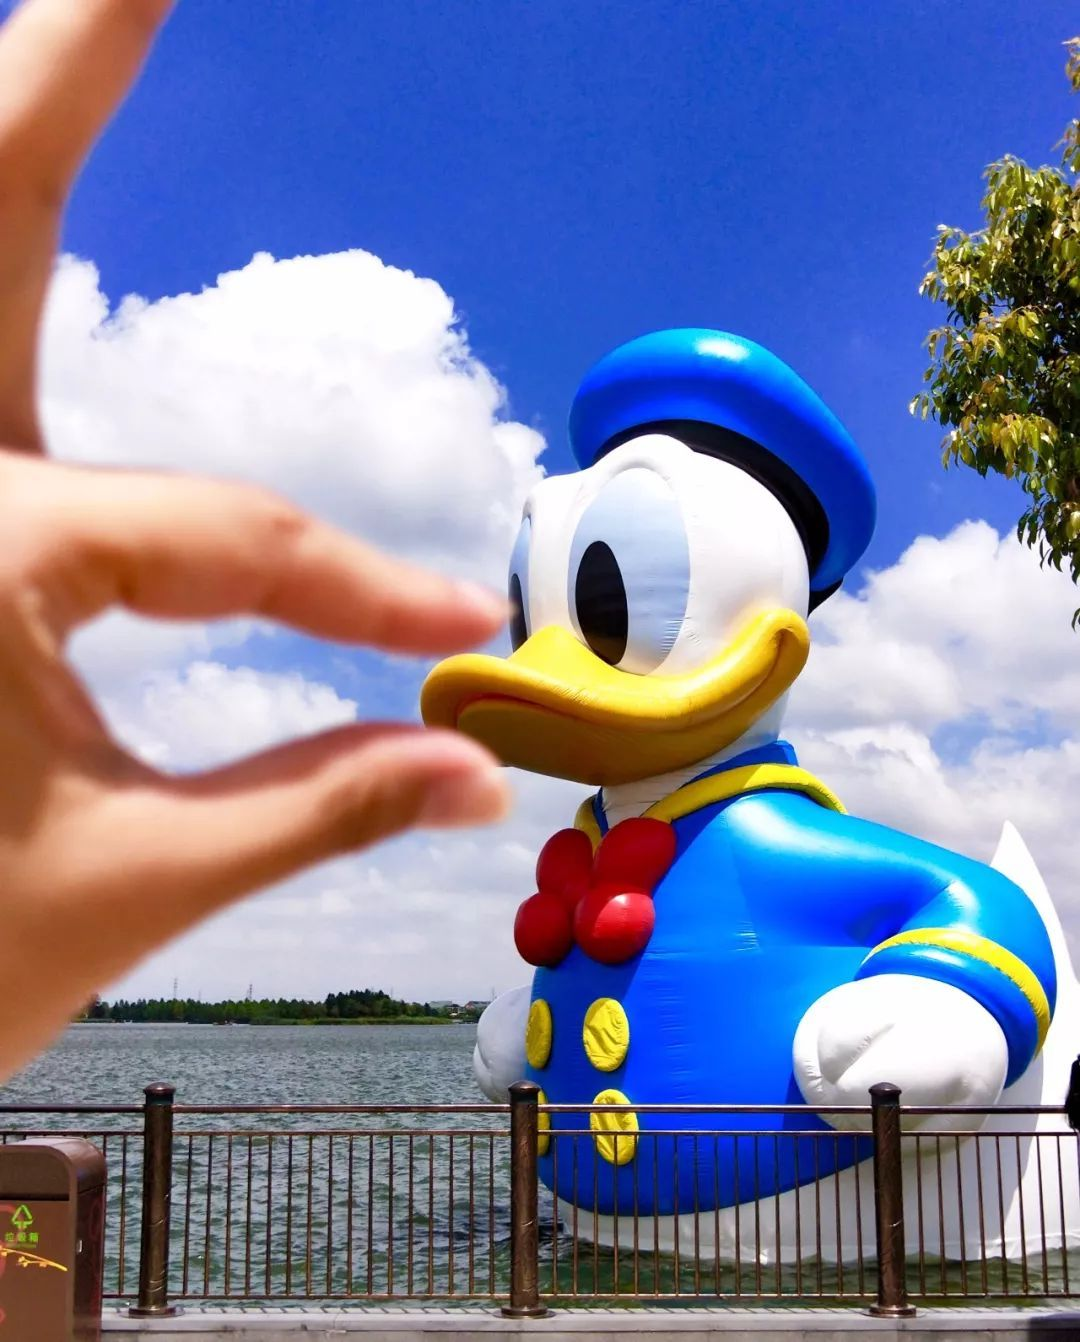 上海迪士尼小镇,星愿湖时有异动,到底怎么了?